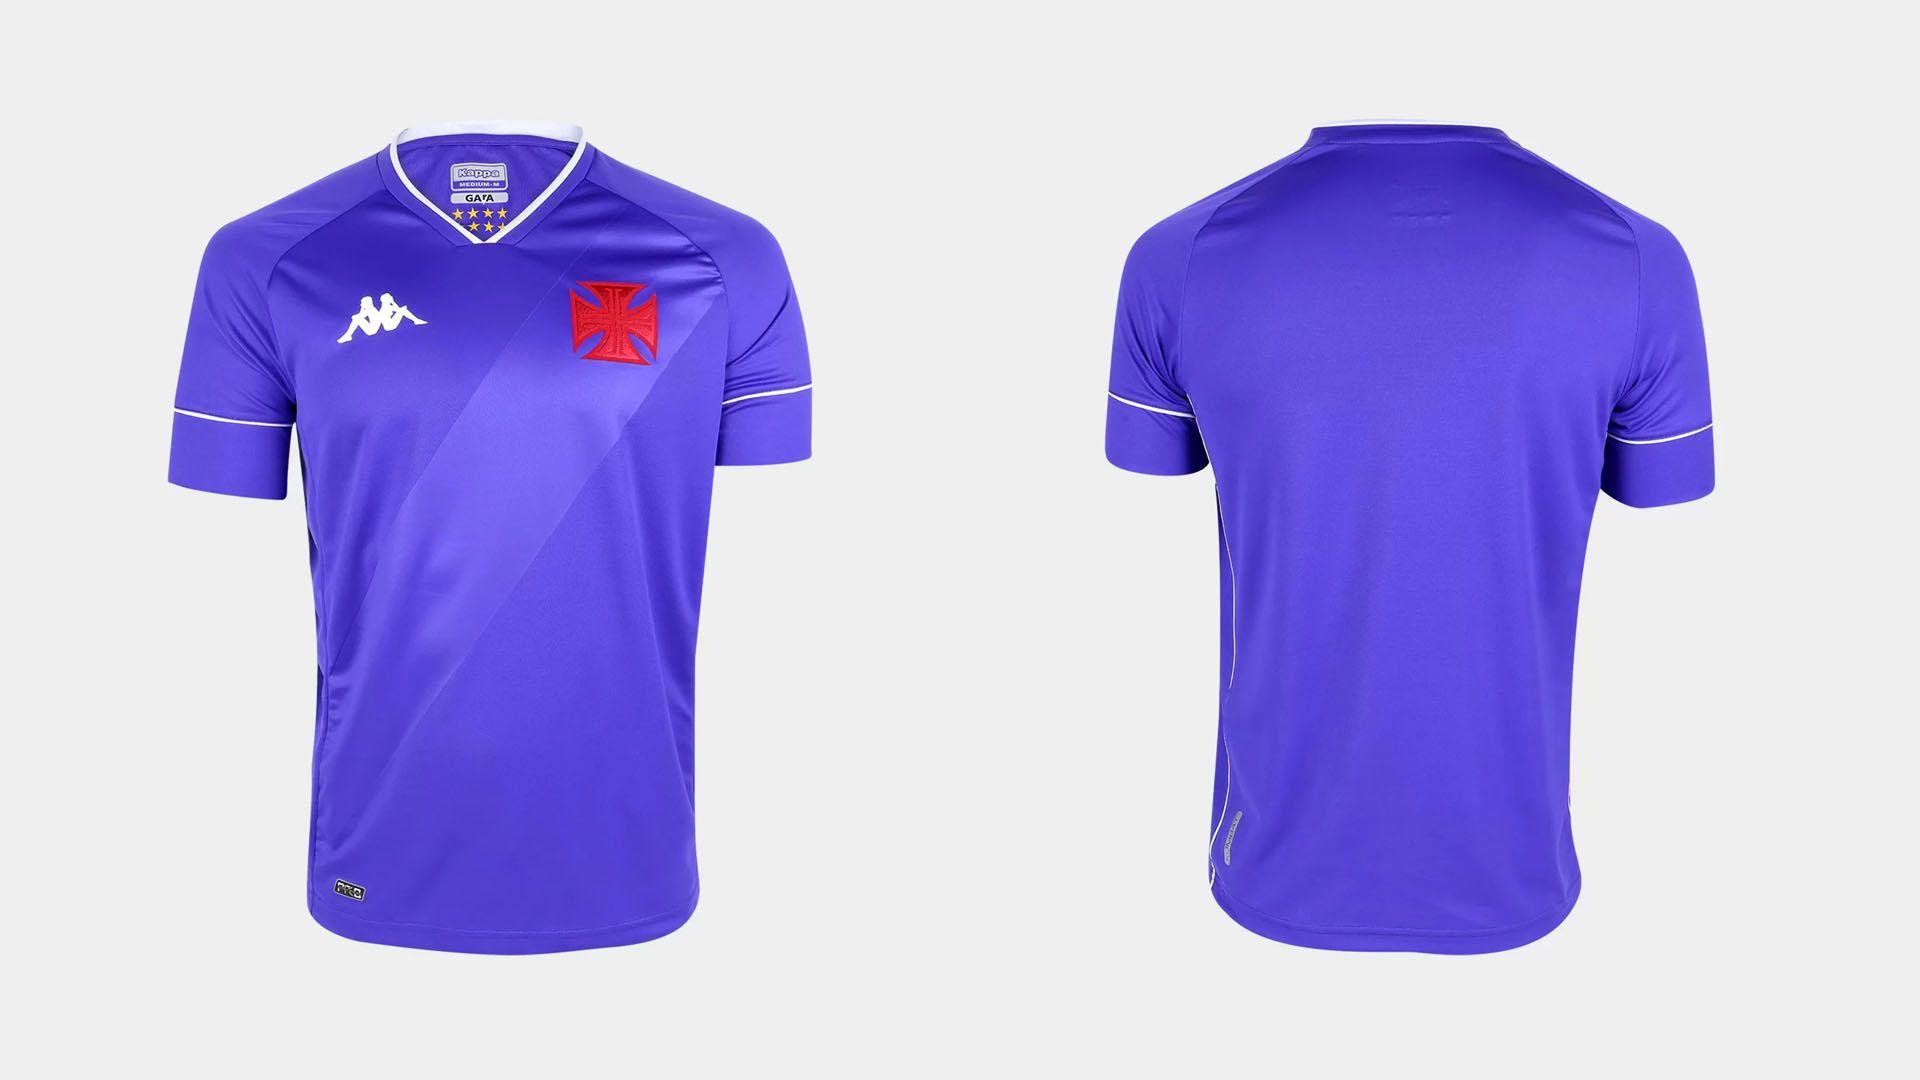 Camisa do Vasco 2020 Kappa Goleiro 2 (Imagem: Divulgação/Kappa)